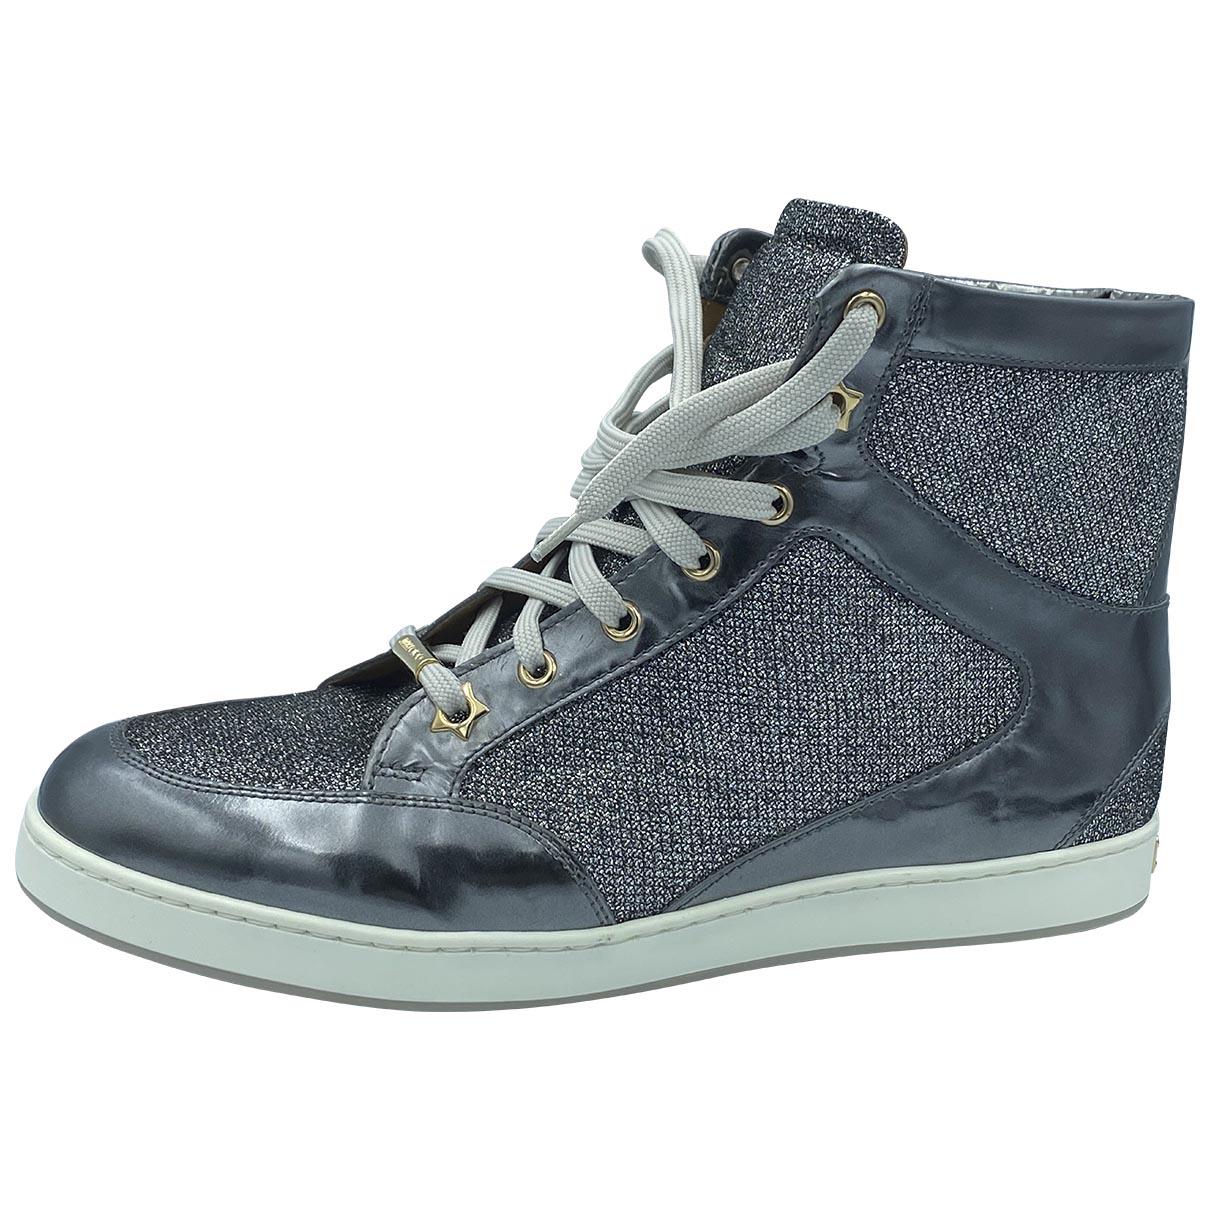 Jimmy Choo \N Sneakers in  Silber Leinen